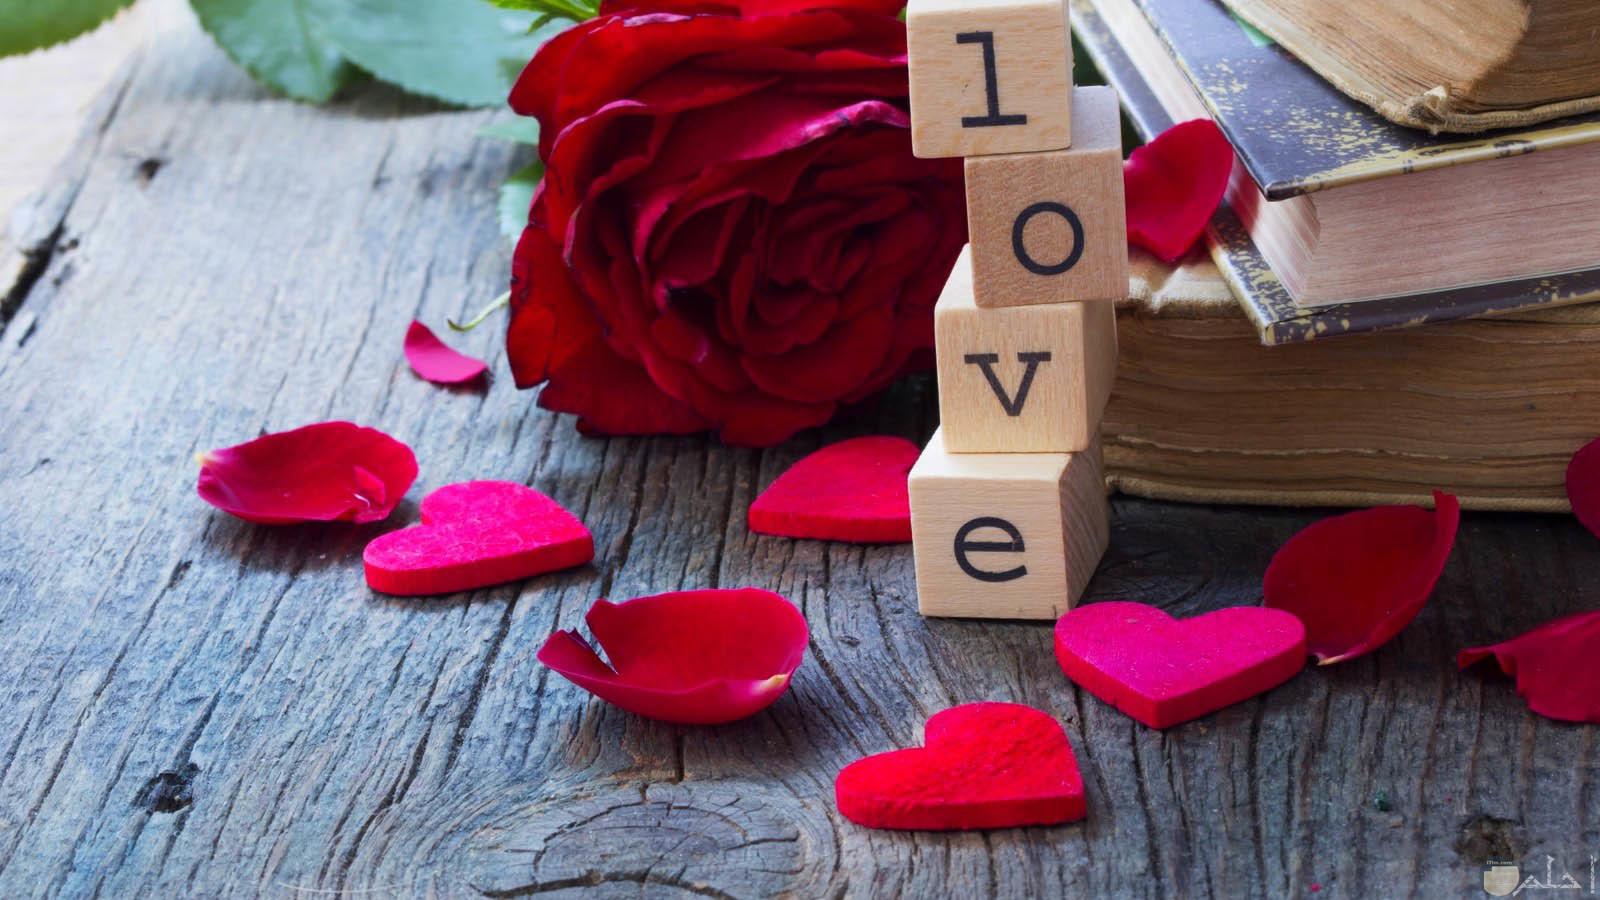 صورة رومانسية مع القلوب الحمراء